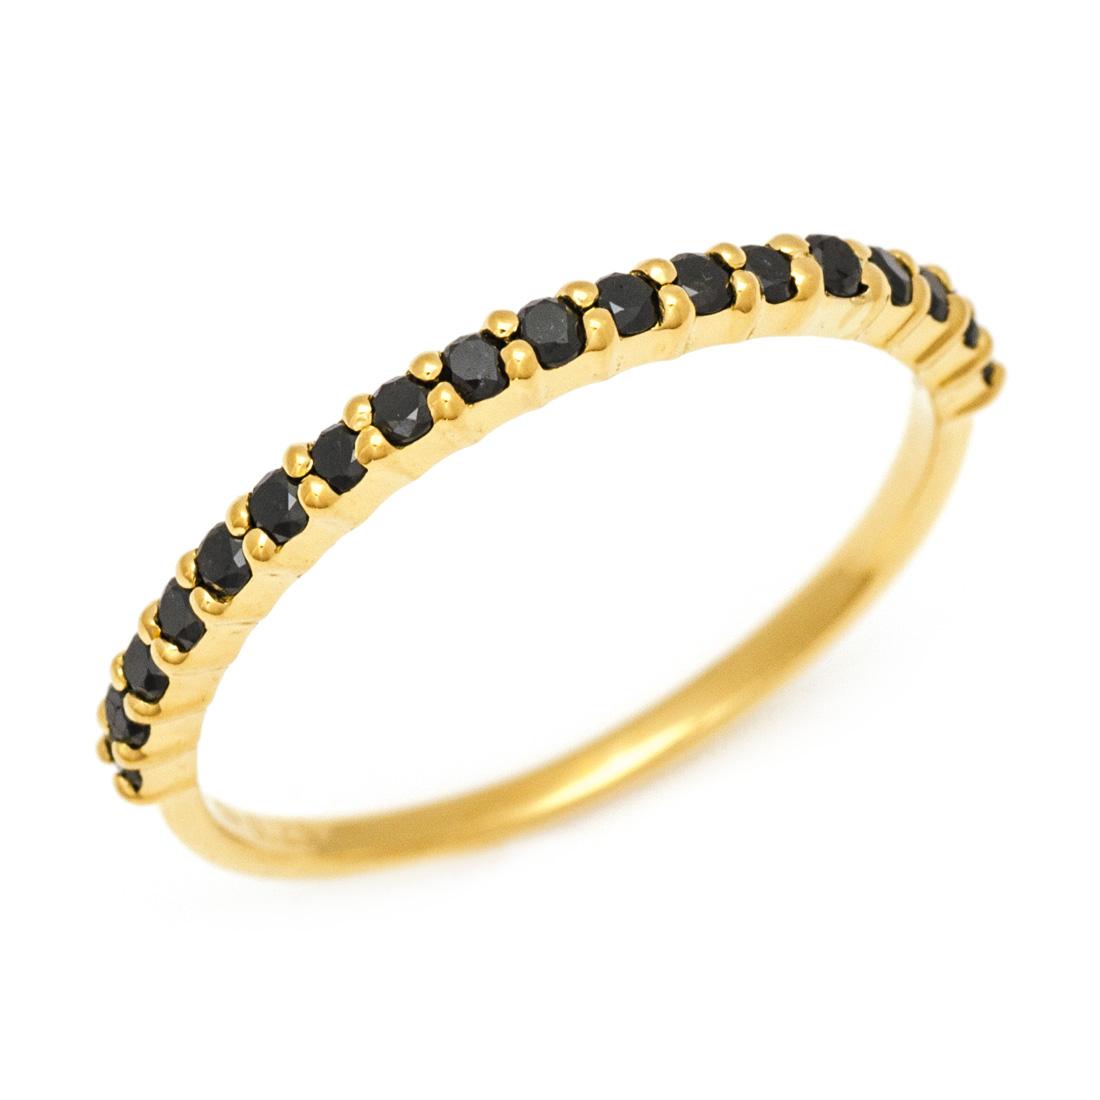 【GWクーポン配布中】K18 ブラックダイヤモンド 0.25ct エタニティリング 「fila」送料無料 指輪 ゴールド 18K 18金 ダイアモンド エタニティー 誕生日 4月誕生石 メッセージ ギフト 贈り物 ピンキーリング対応可能